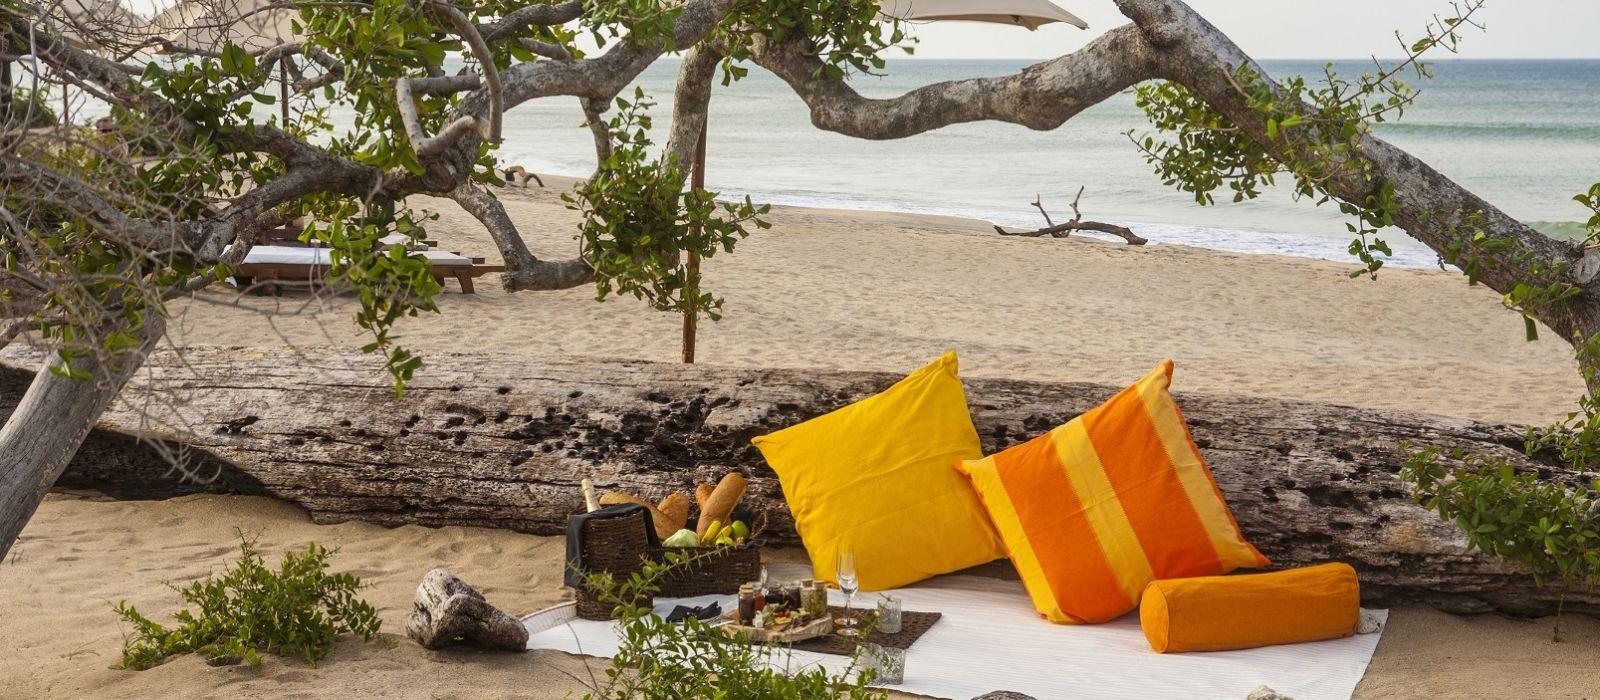 Hotel Jungle Beach by Uga Escapes Sri Lanka